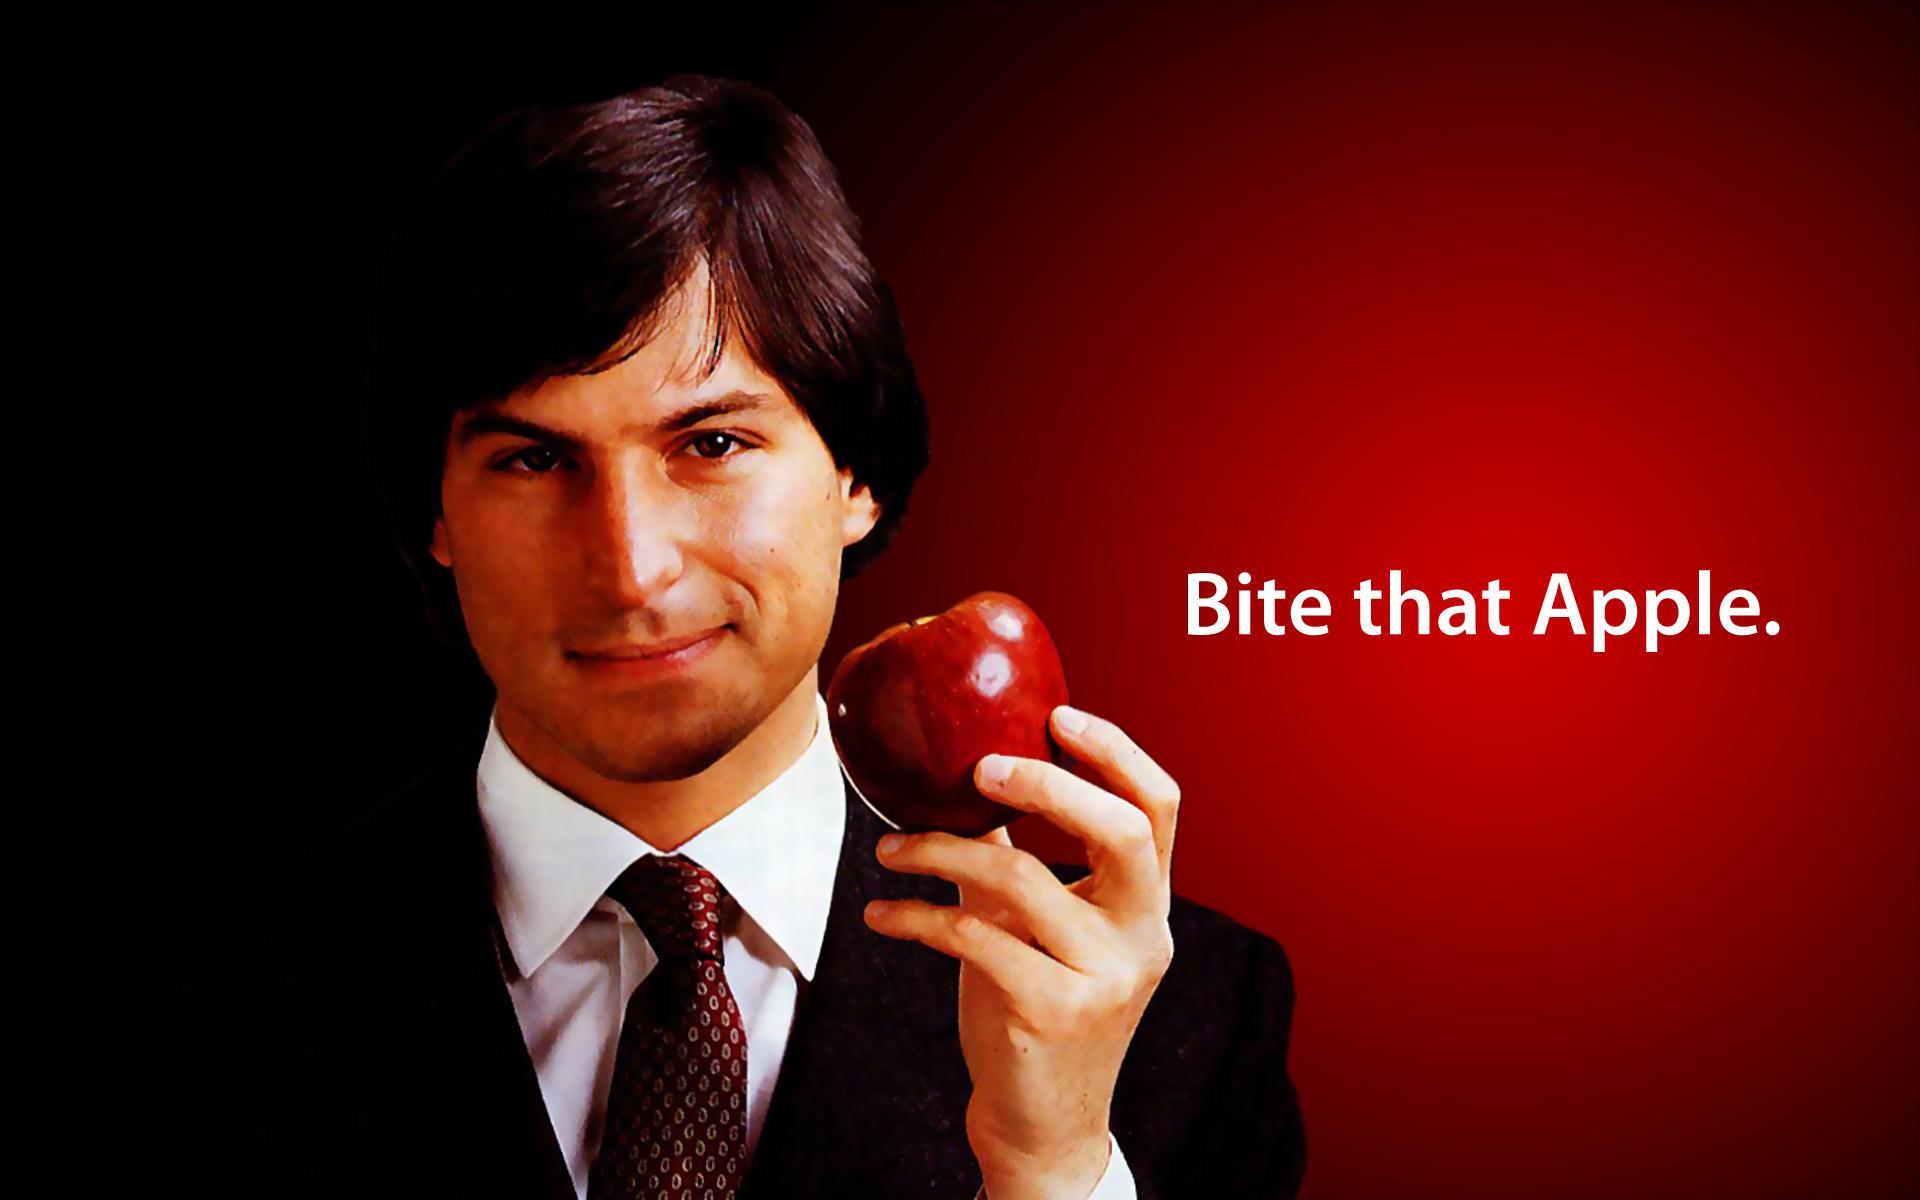 Bite that Apple younger Steve Jobs wallpaper 1920x1200